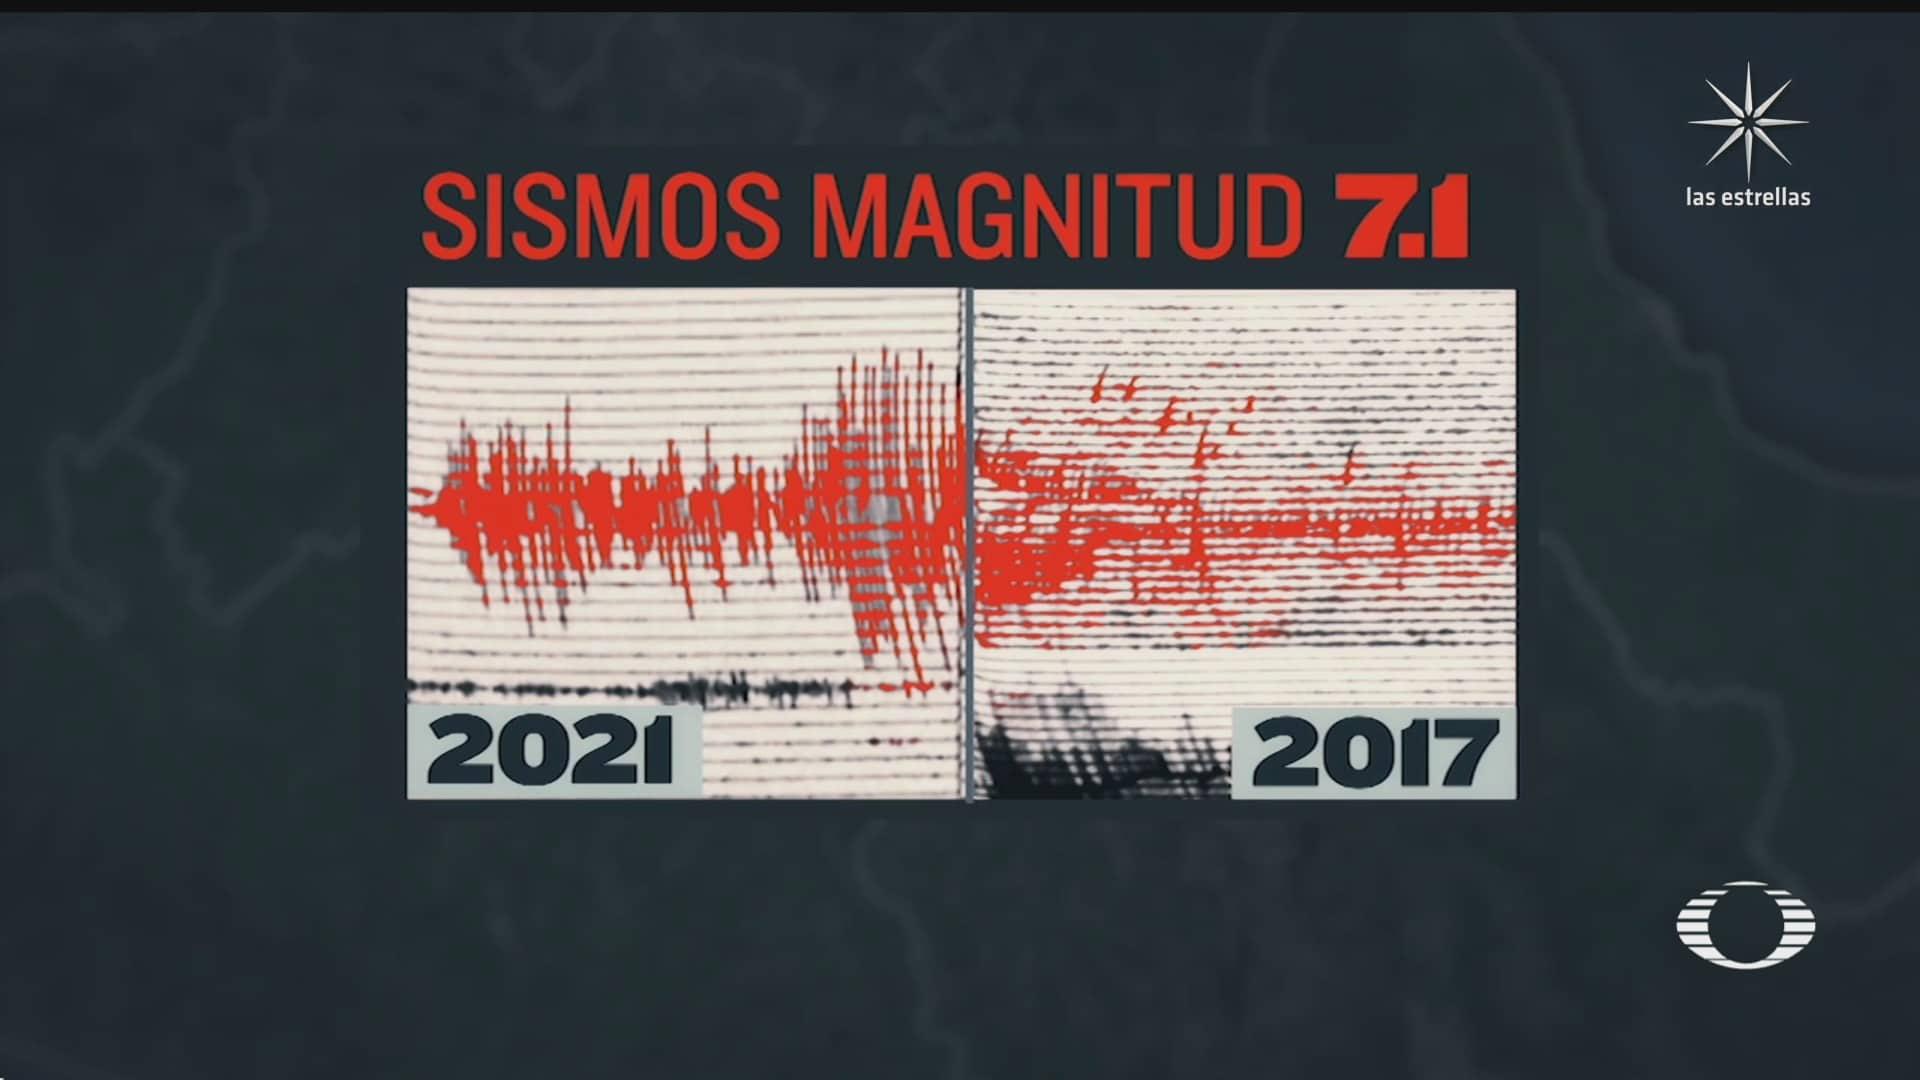 asi se vivio el sismo en el sismologico